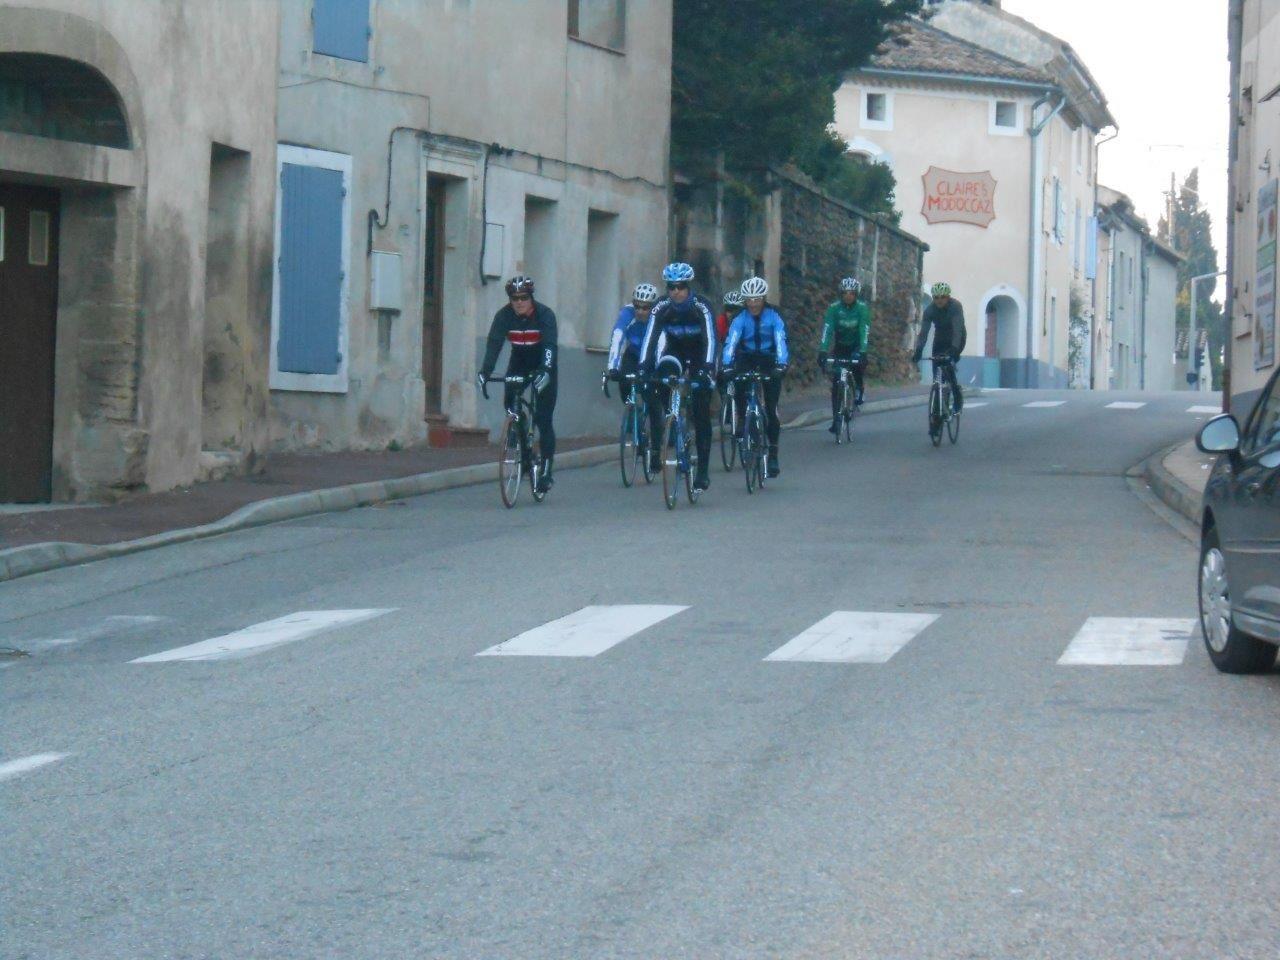 Voilà le groupe au passage étroit avec Patrick et Romain qui mènent déjà un bon rythme.